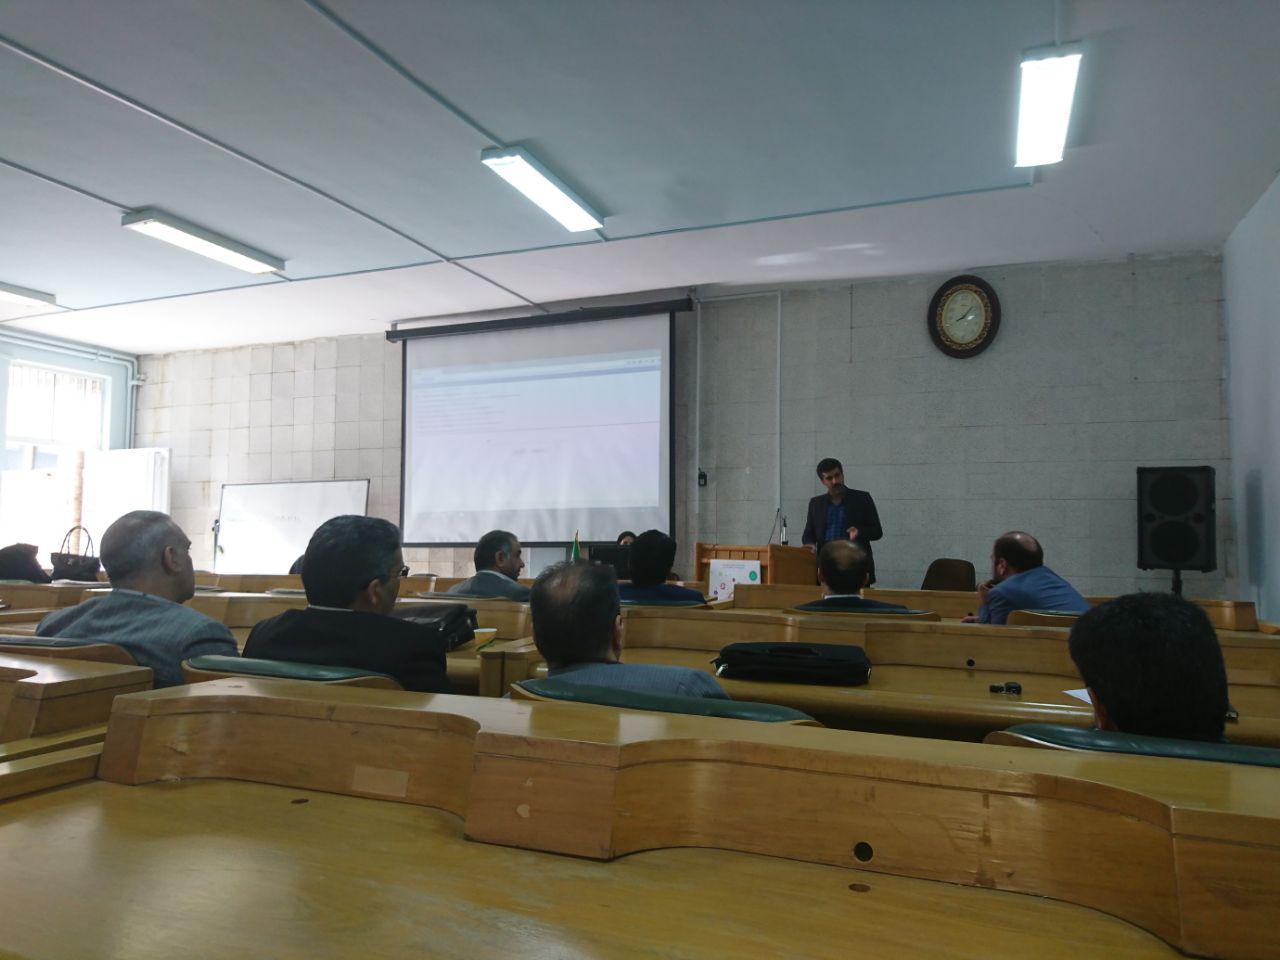 مدیران متوسطه دورهٔ اول در همایش هدایت تحصیلی شرکت کردند.